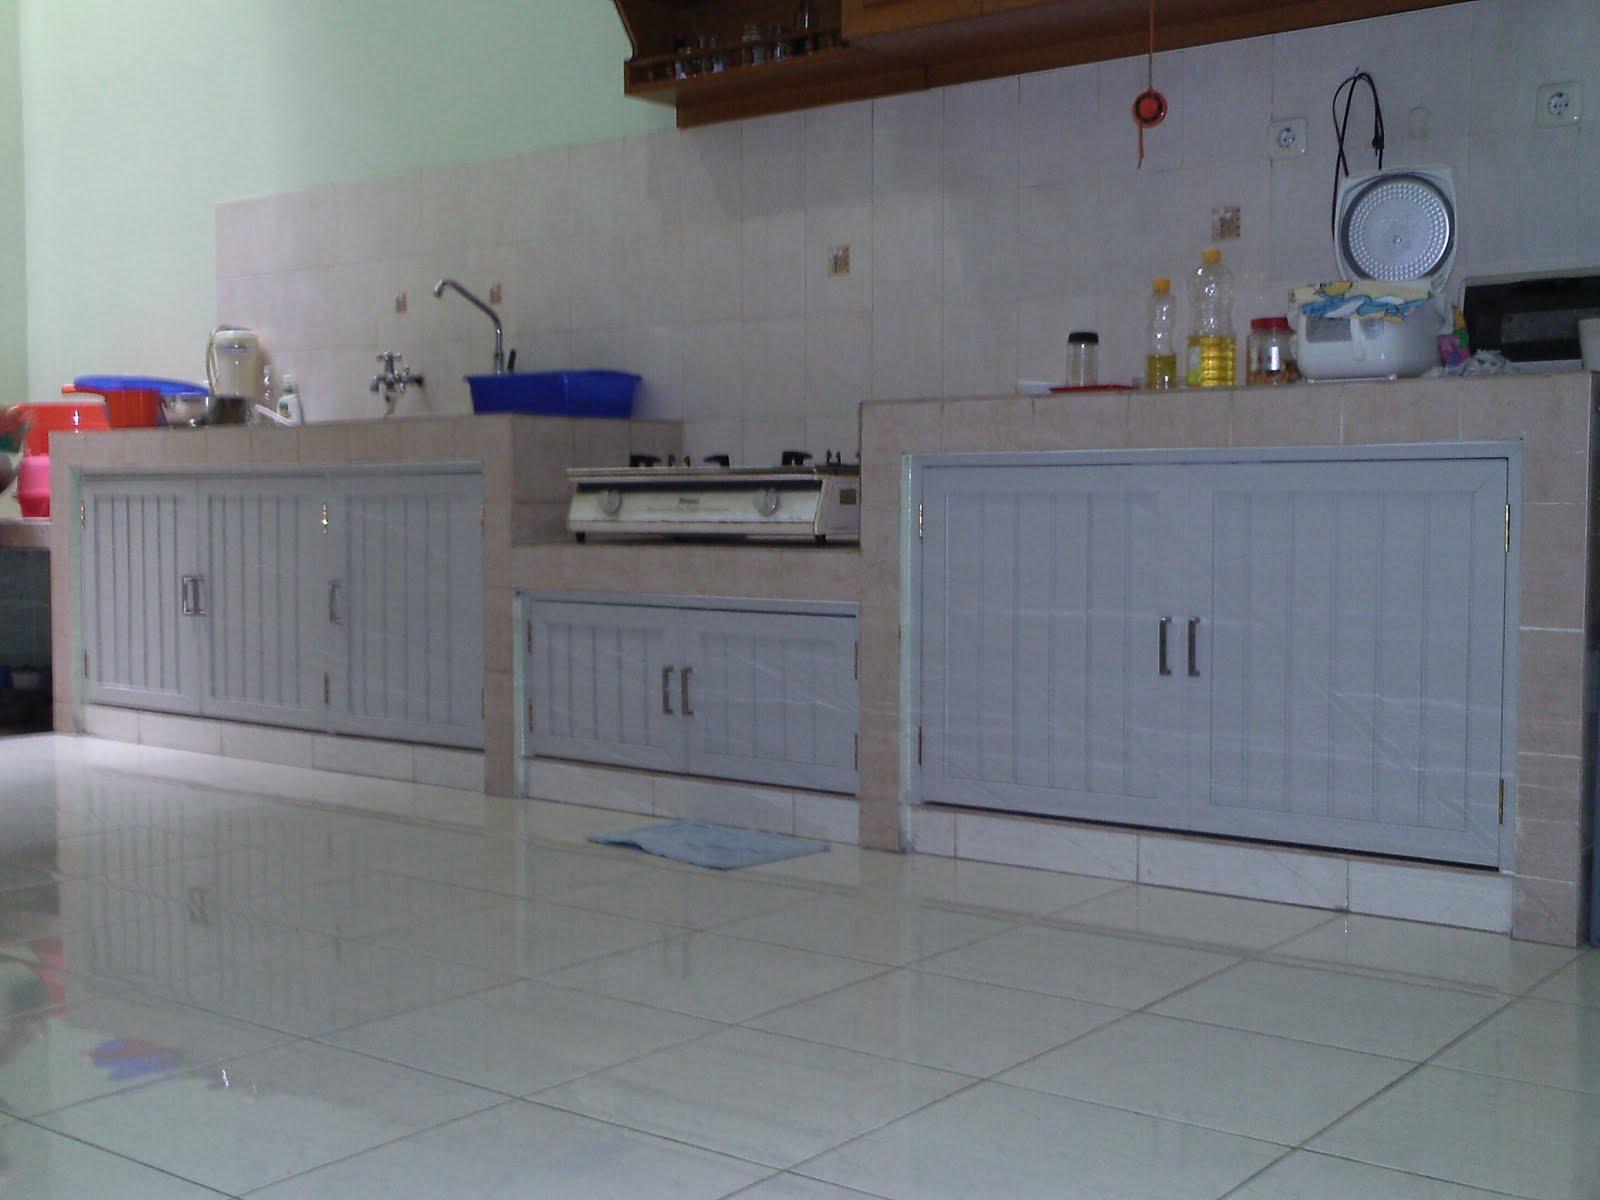 Pintu Dapur Bawah Bangunan Rumah Tinggal Lokasi Pluit Murni 1 Spesifikasi Holo Spandrel Aluminium Powder Coting